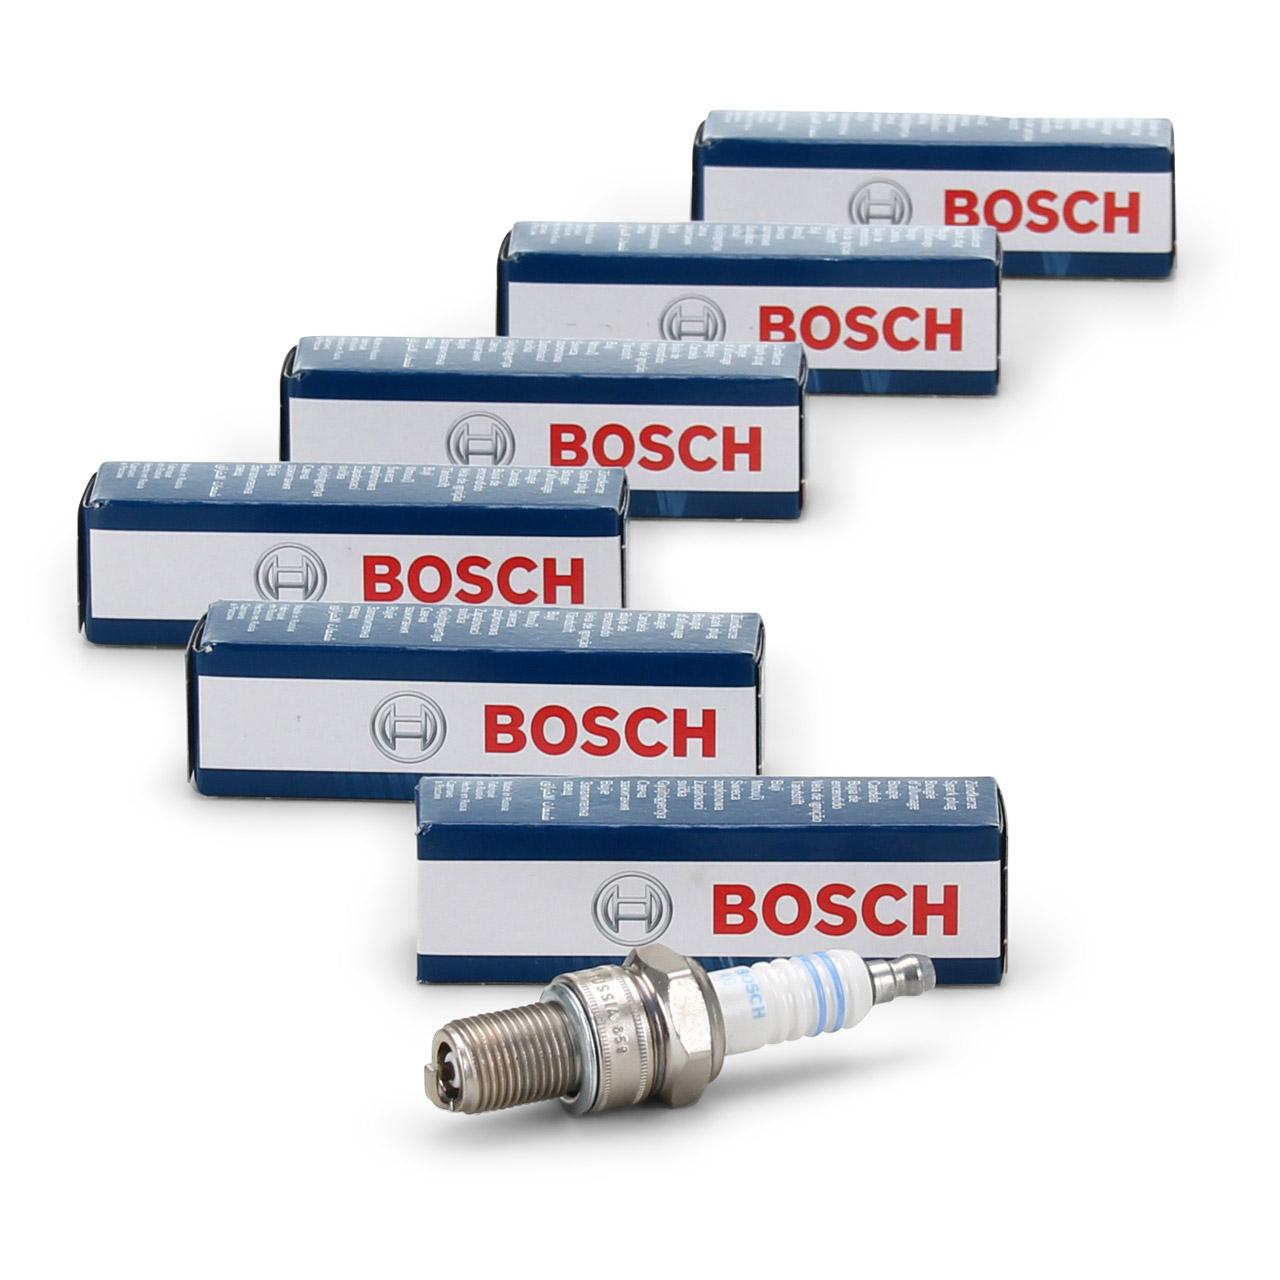 6x BOSCH 0242255502 WR3CC Zündkerze NICKEL für PORSCHE 911 2.3 2.7/3.0 Carrera